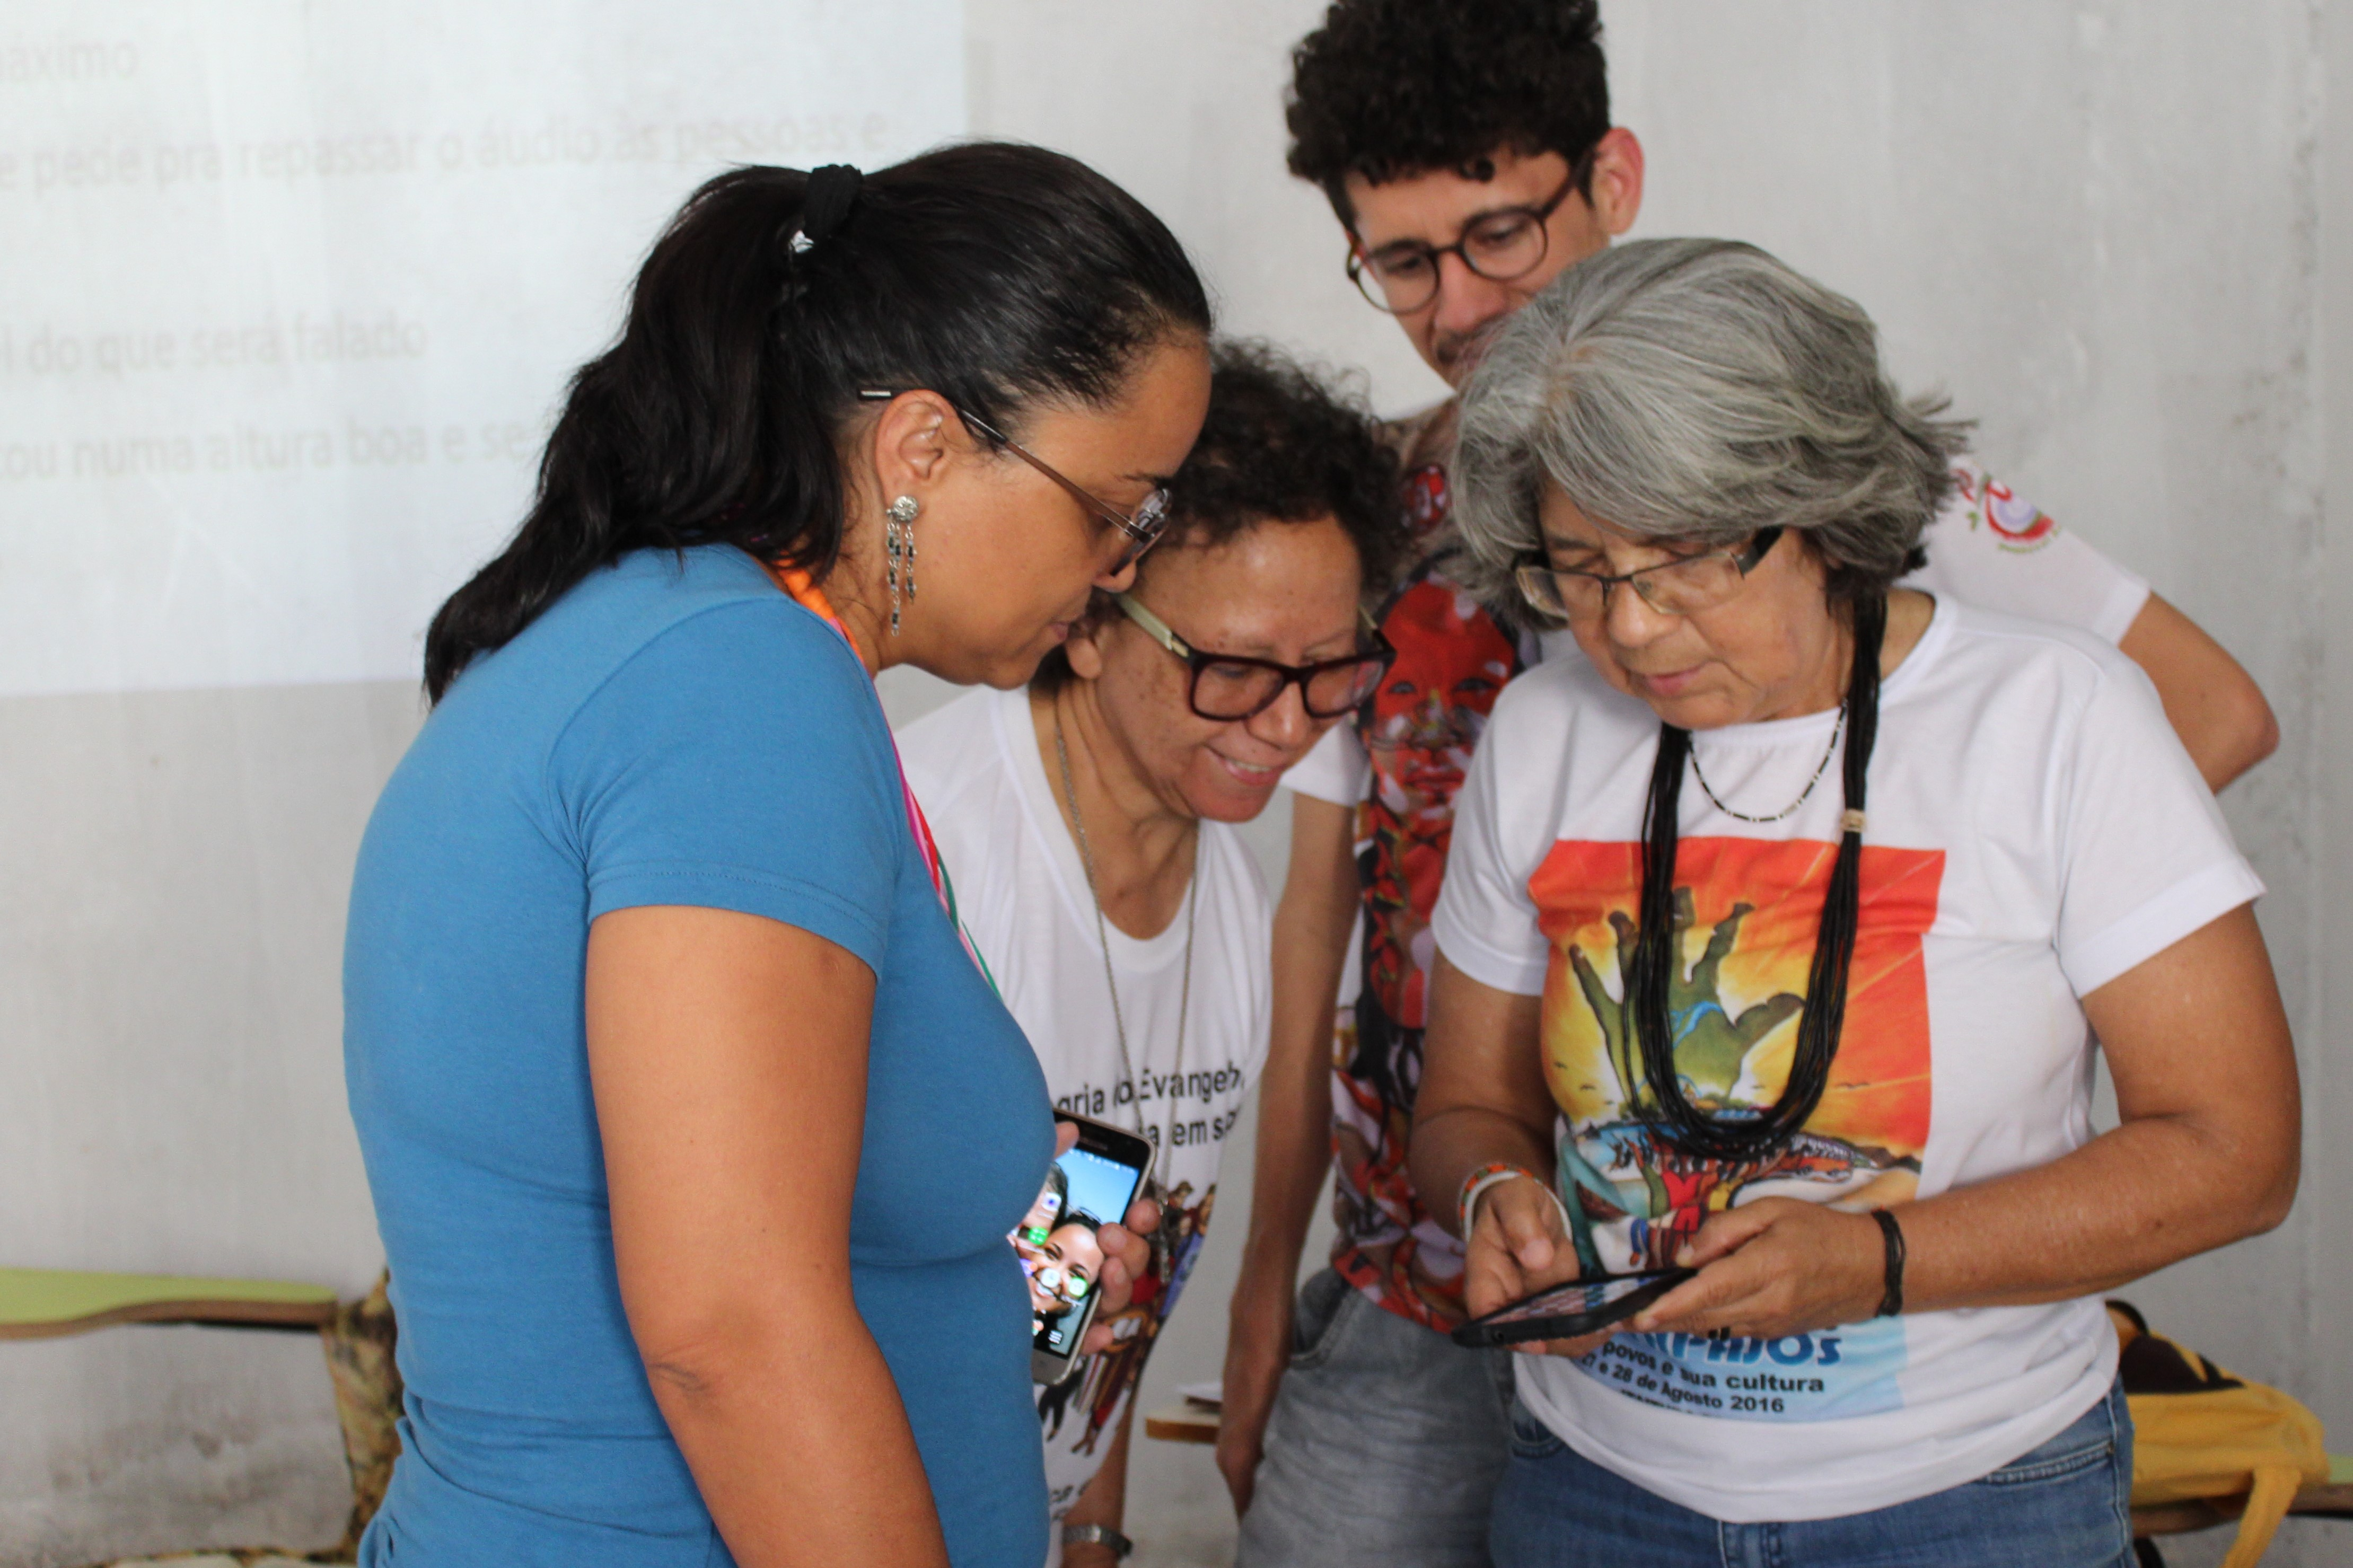 CEBs da Arquidiocese de Cuiabá (MT) criam equipe de comunicação popular